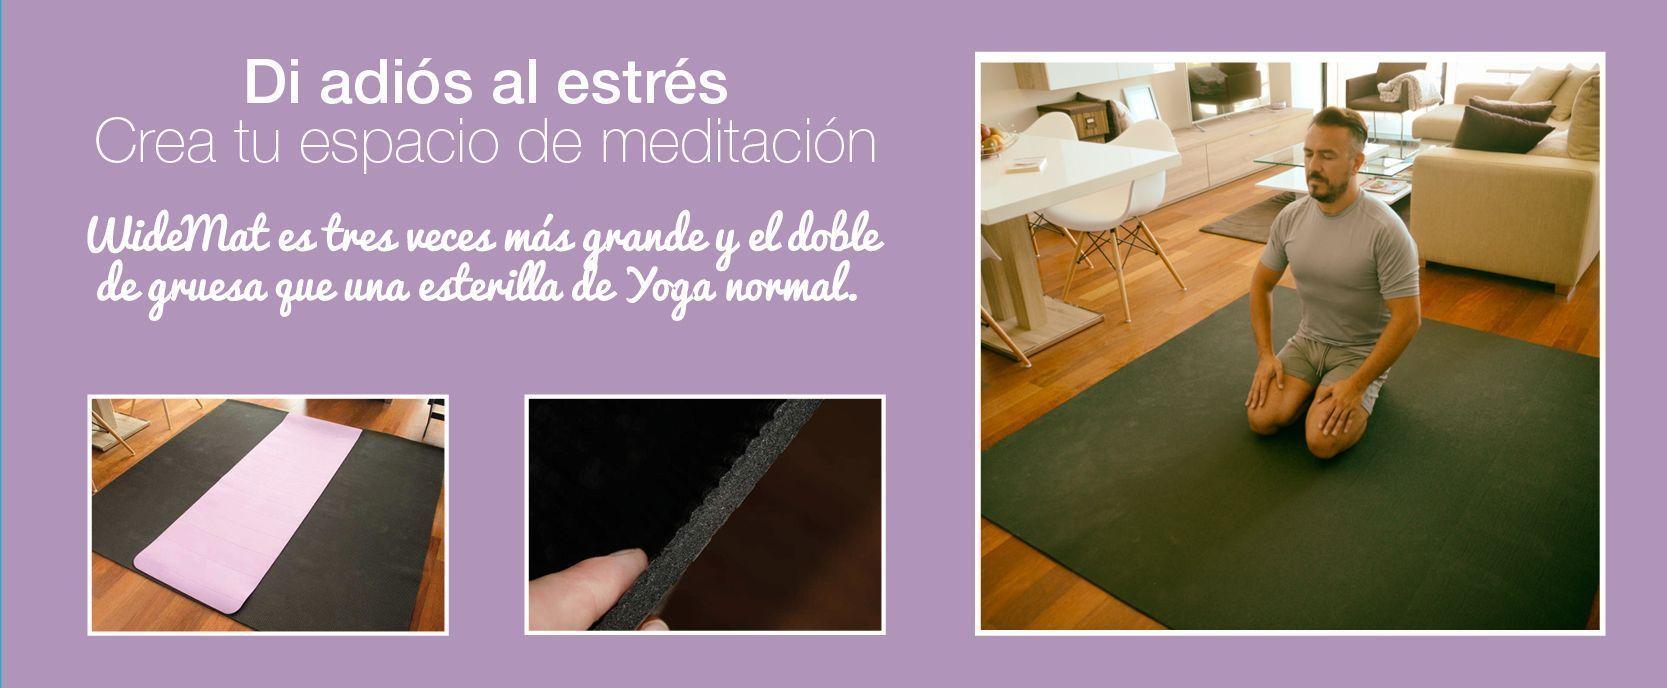 La mejor esterilla de yoga y meditación